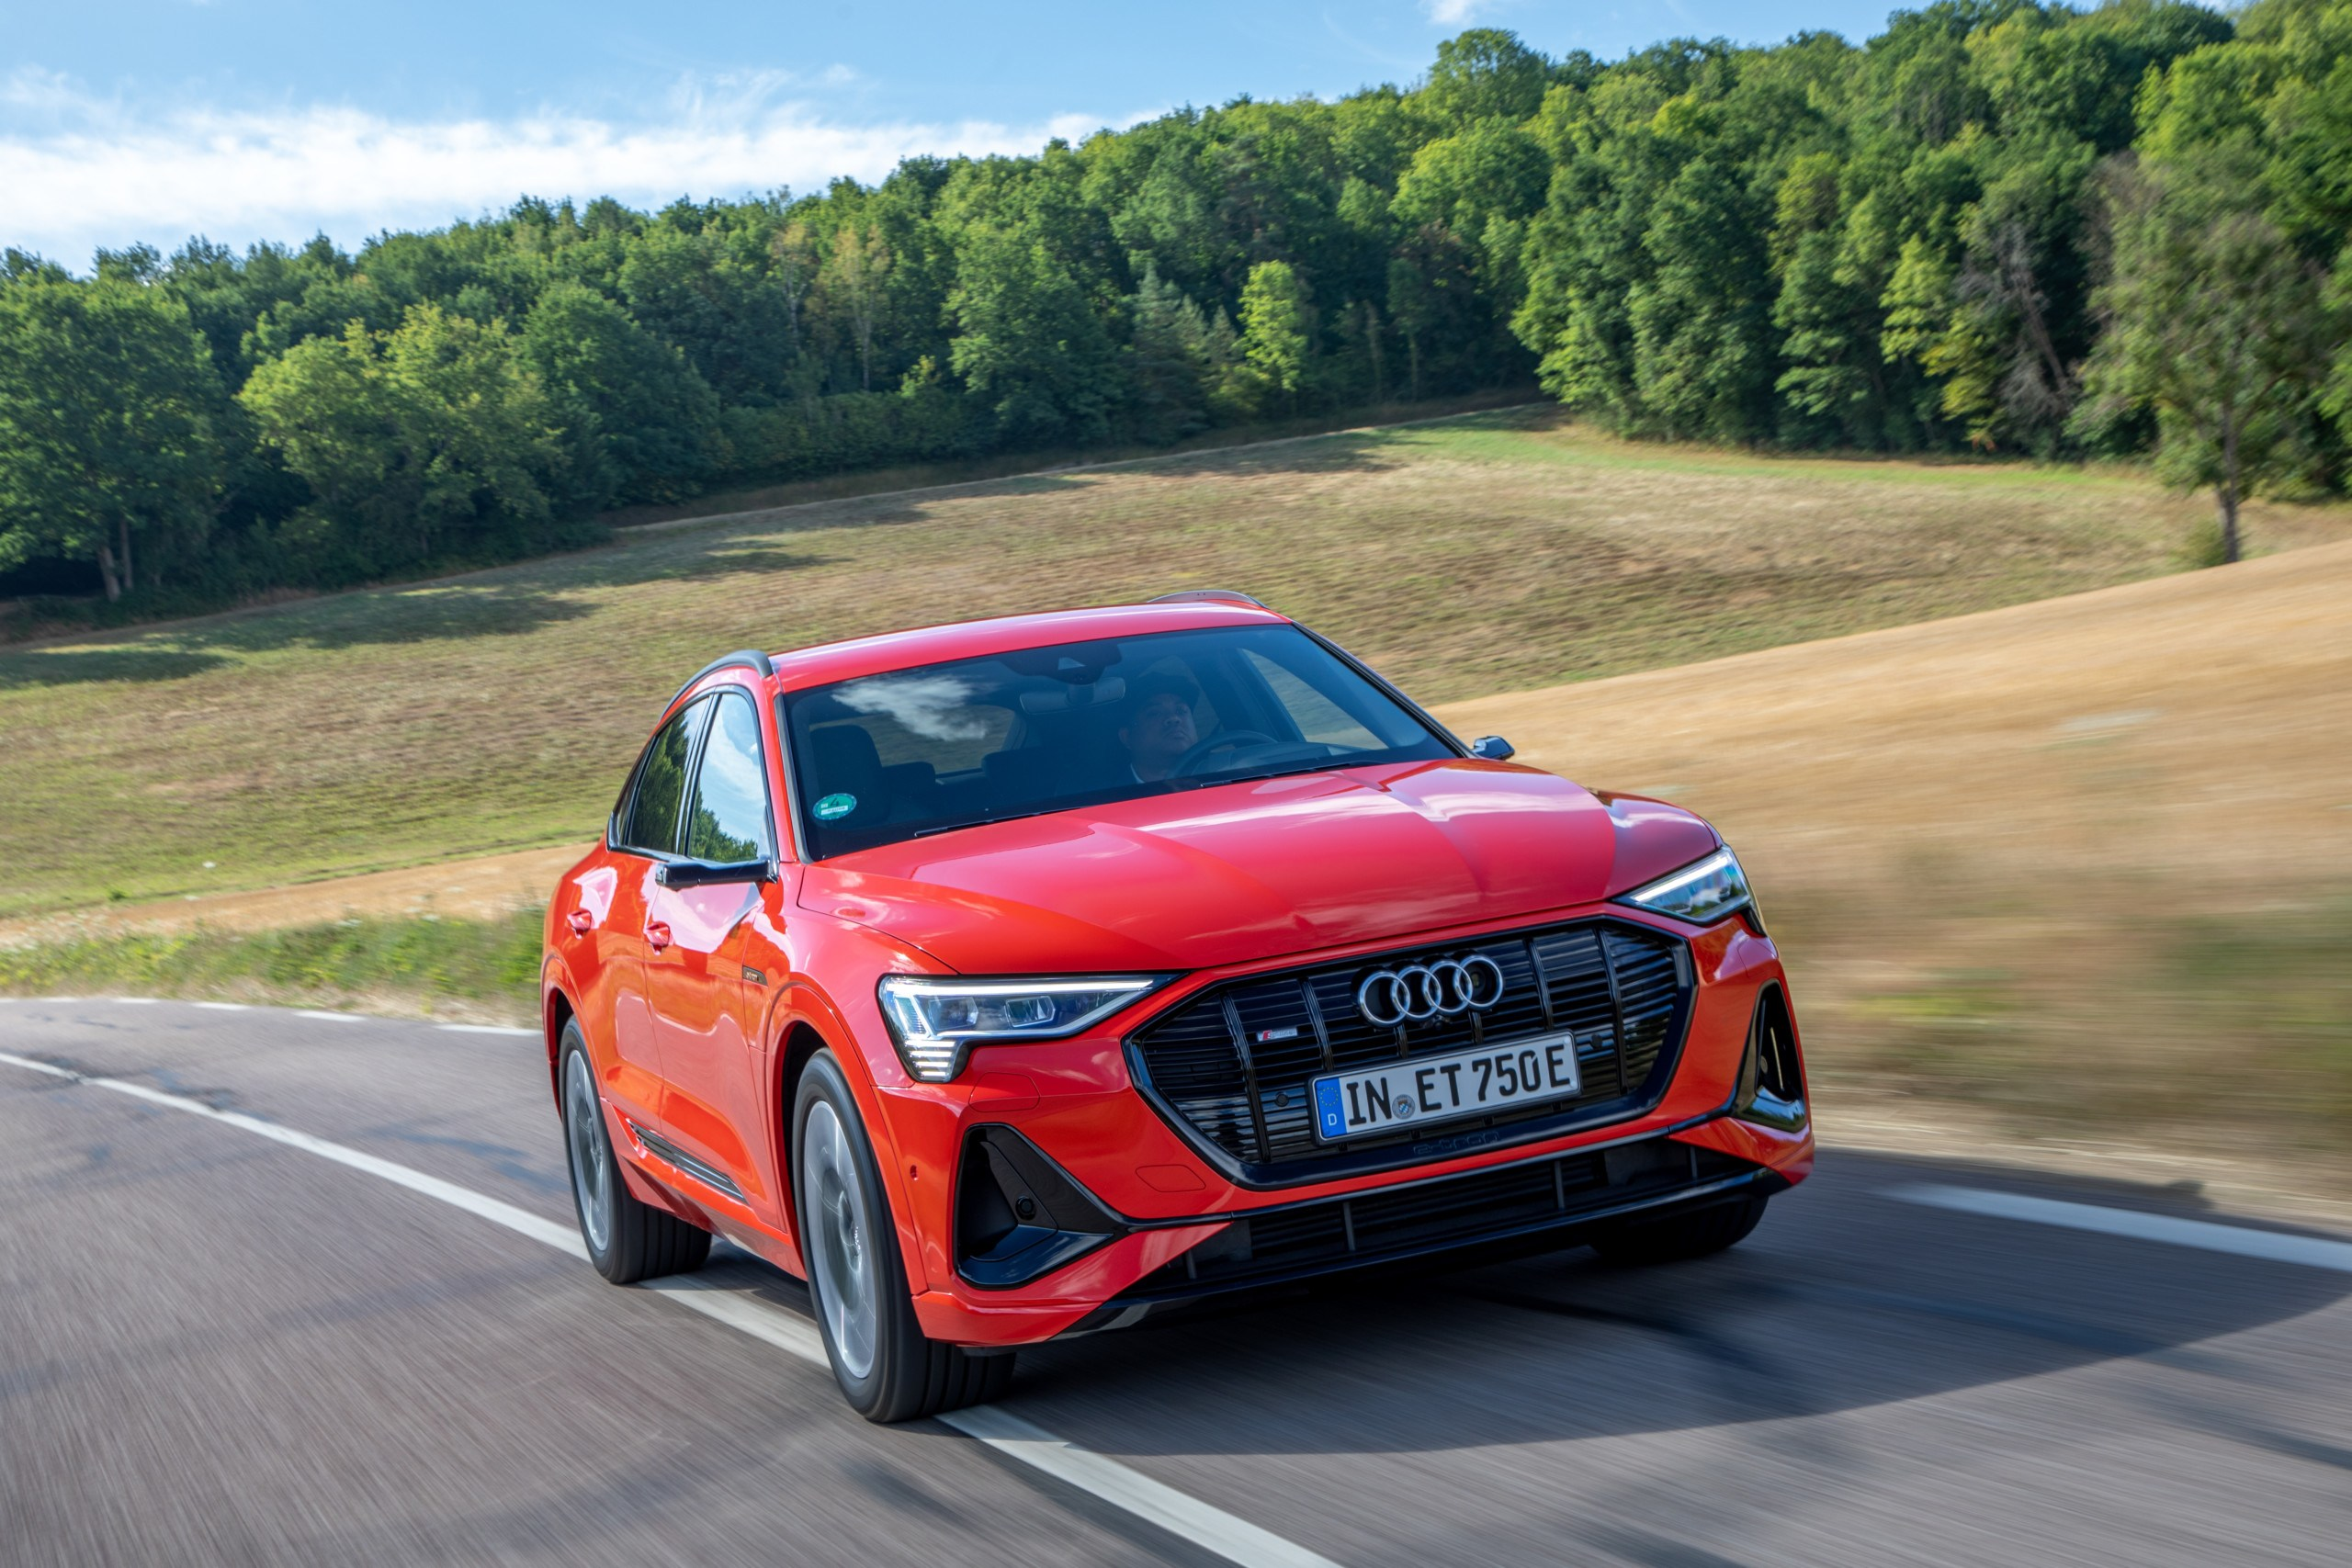 Essai de l'Audi e-tron Sportback : le coup de crayon salvateur ?